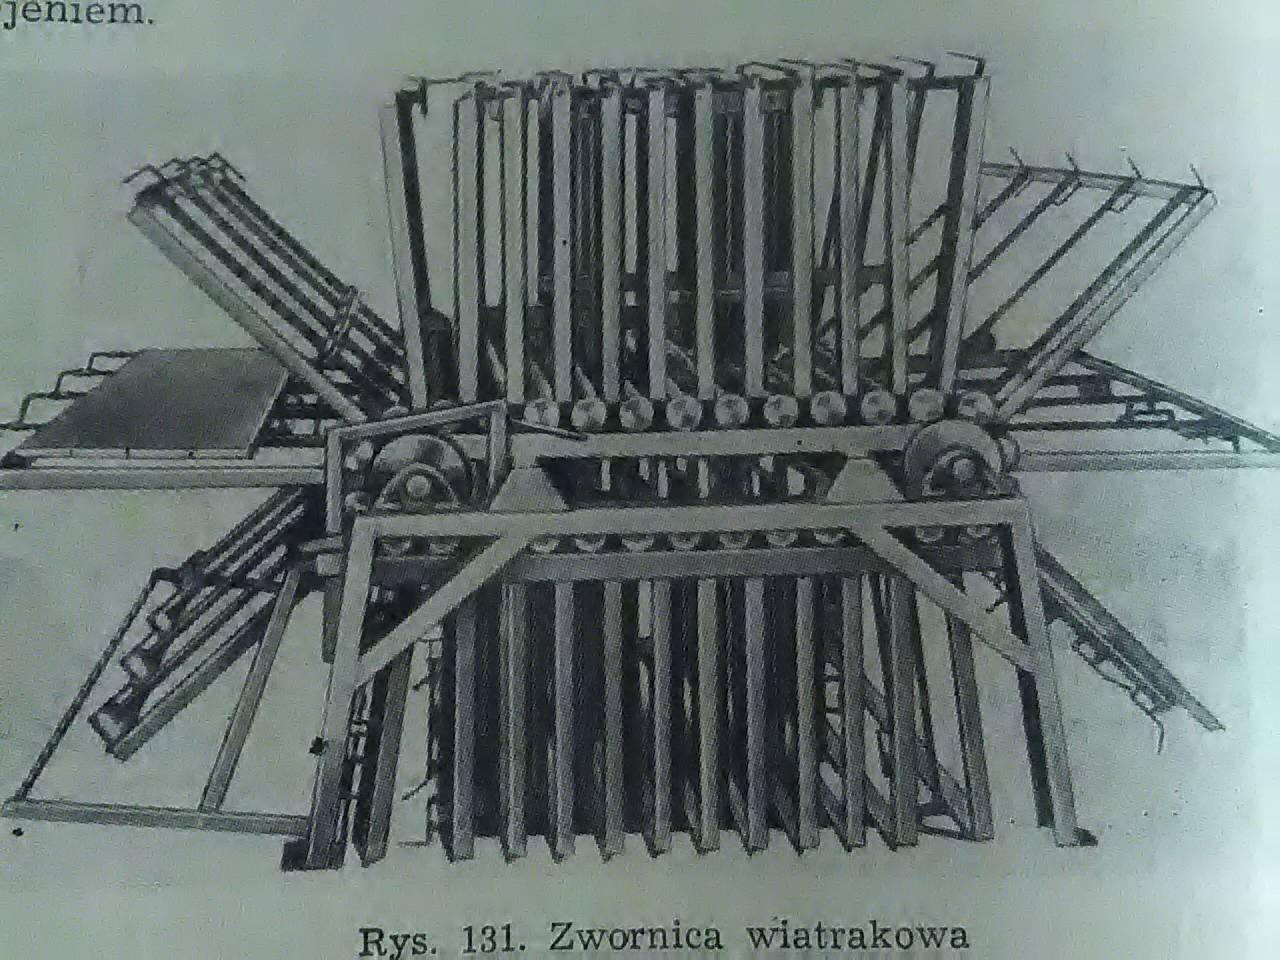 zwornica wiatrakowa jako bateria ścisków